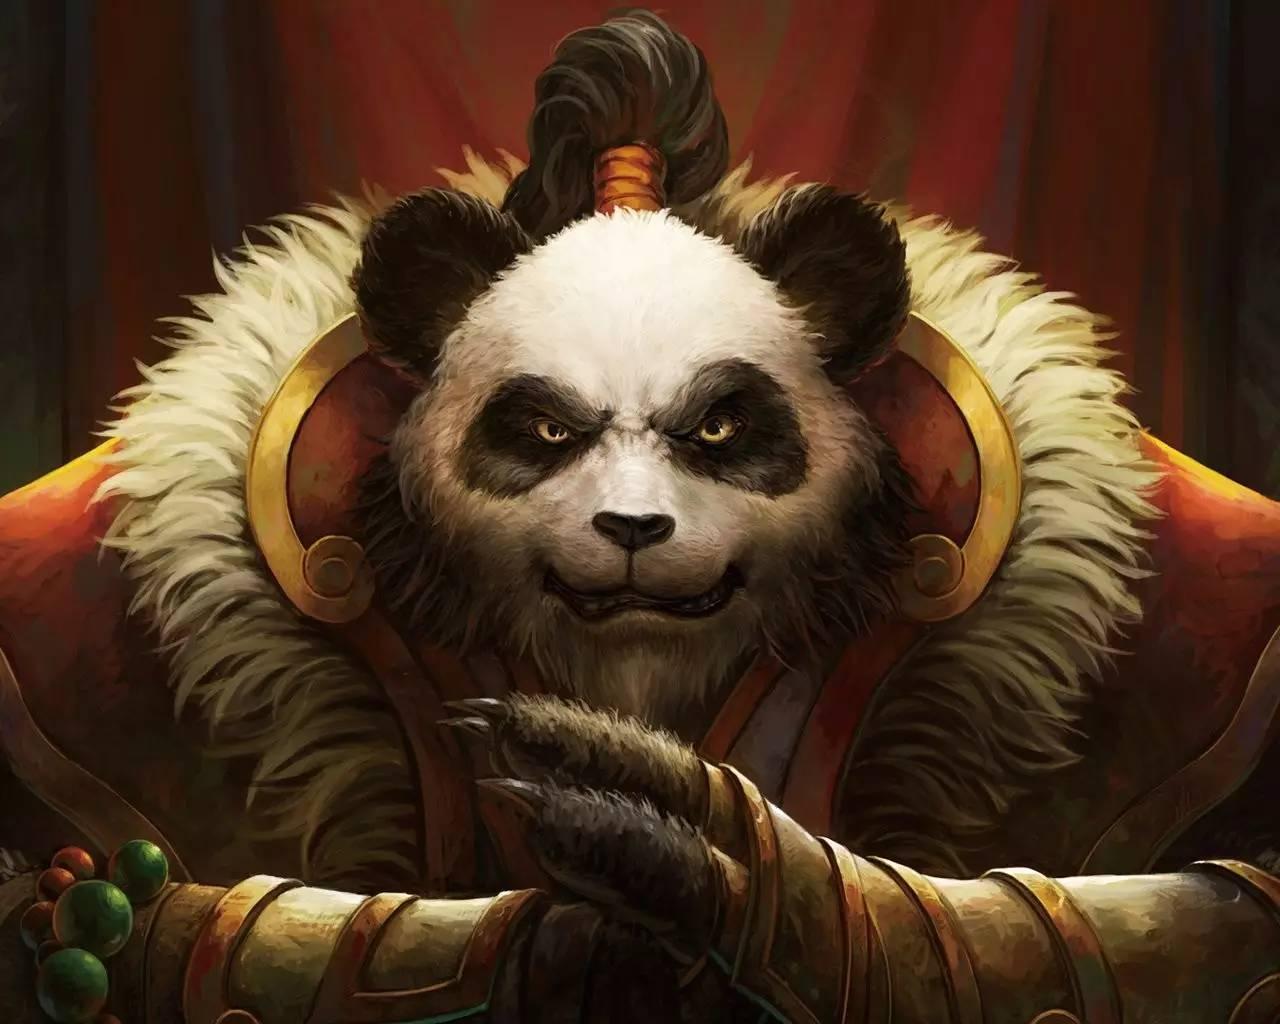 曲目 1、《魔兽争霸3》及《魔兽世界》音乐集锦 WoW/War3: Warcraft Montage 2、《魔兽世界:燃烧远征》 穿越黑暗之门 WoW: Dark Portal (Burning Crusade;) 3、《魔兽世界:燃烧的远征》 燃烧军团 WoW Burning Crusade The Burning Legion 4、《魔兽世界:巫妖王之怒》 片头动画 阿尔萨斯,我的儿子 WoW WOTLK Opening Cinematic Arthas, My Son 5、《魔兽世界:巫妖王